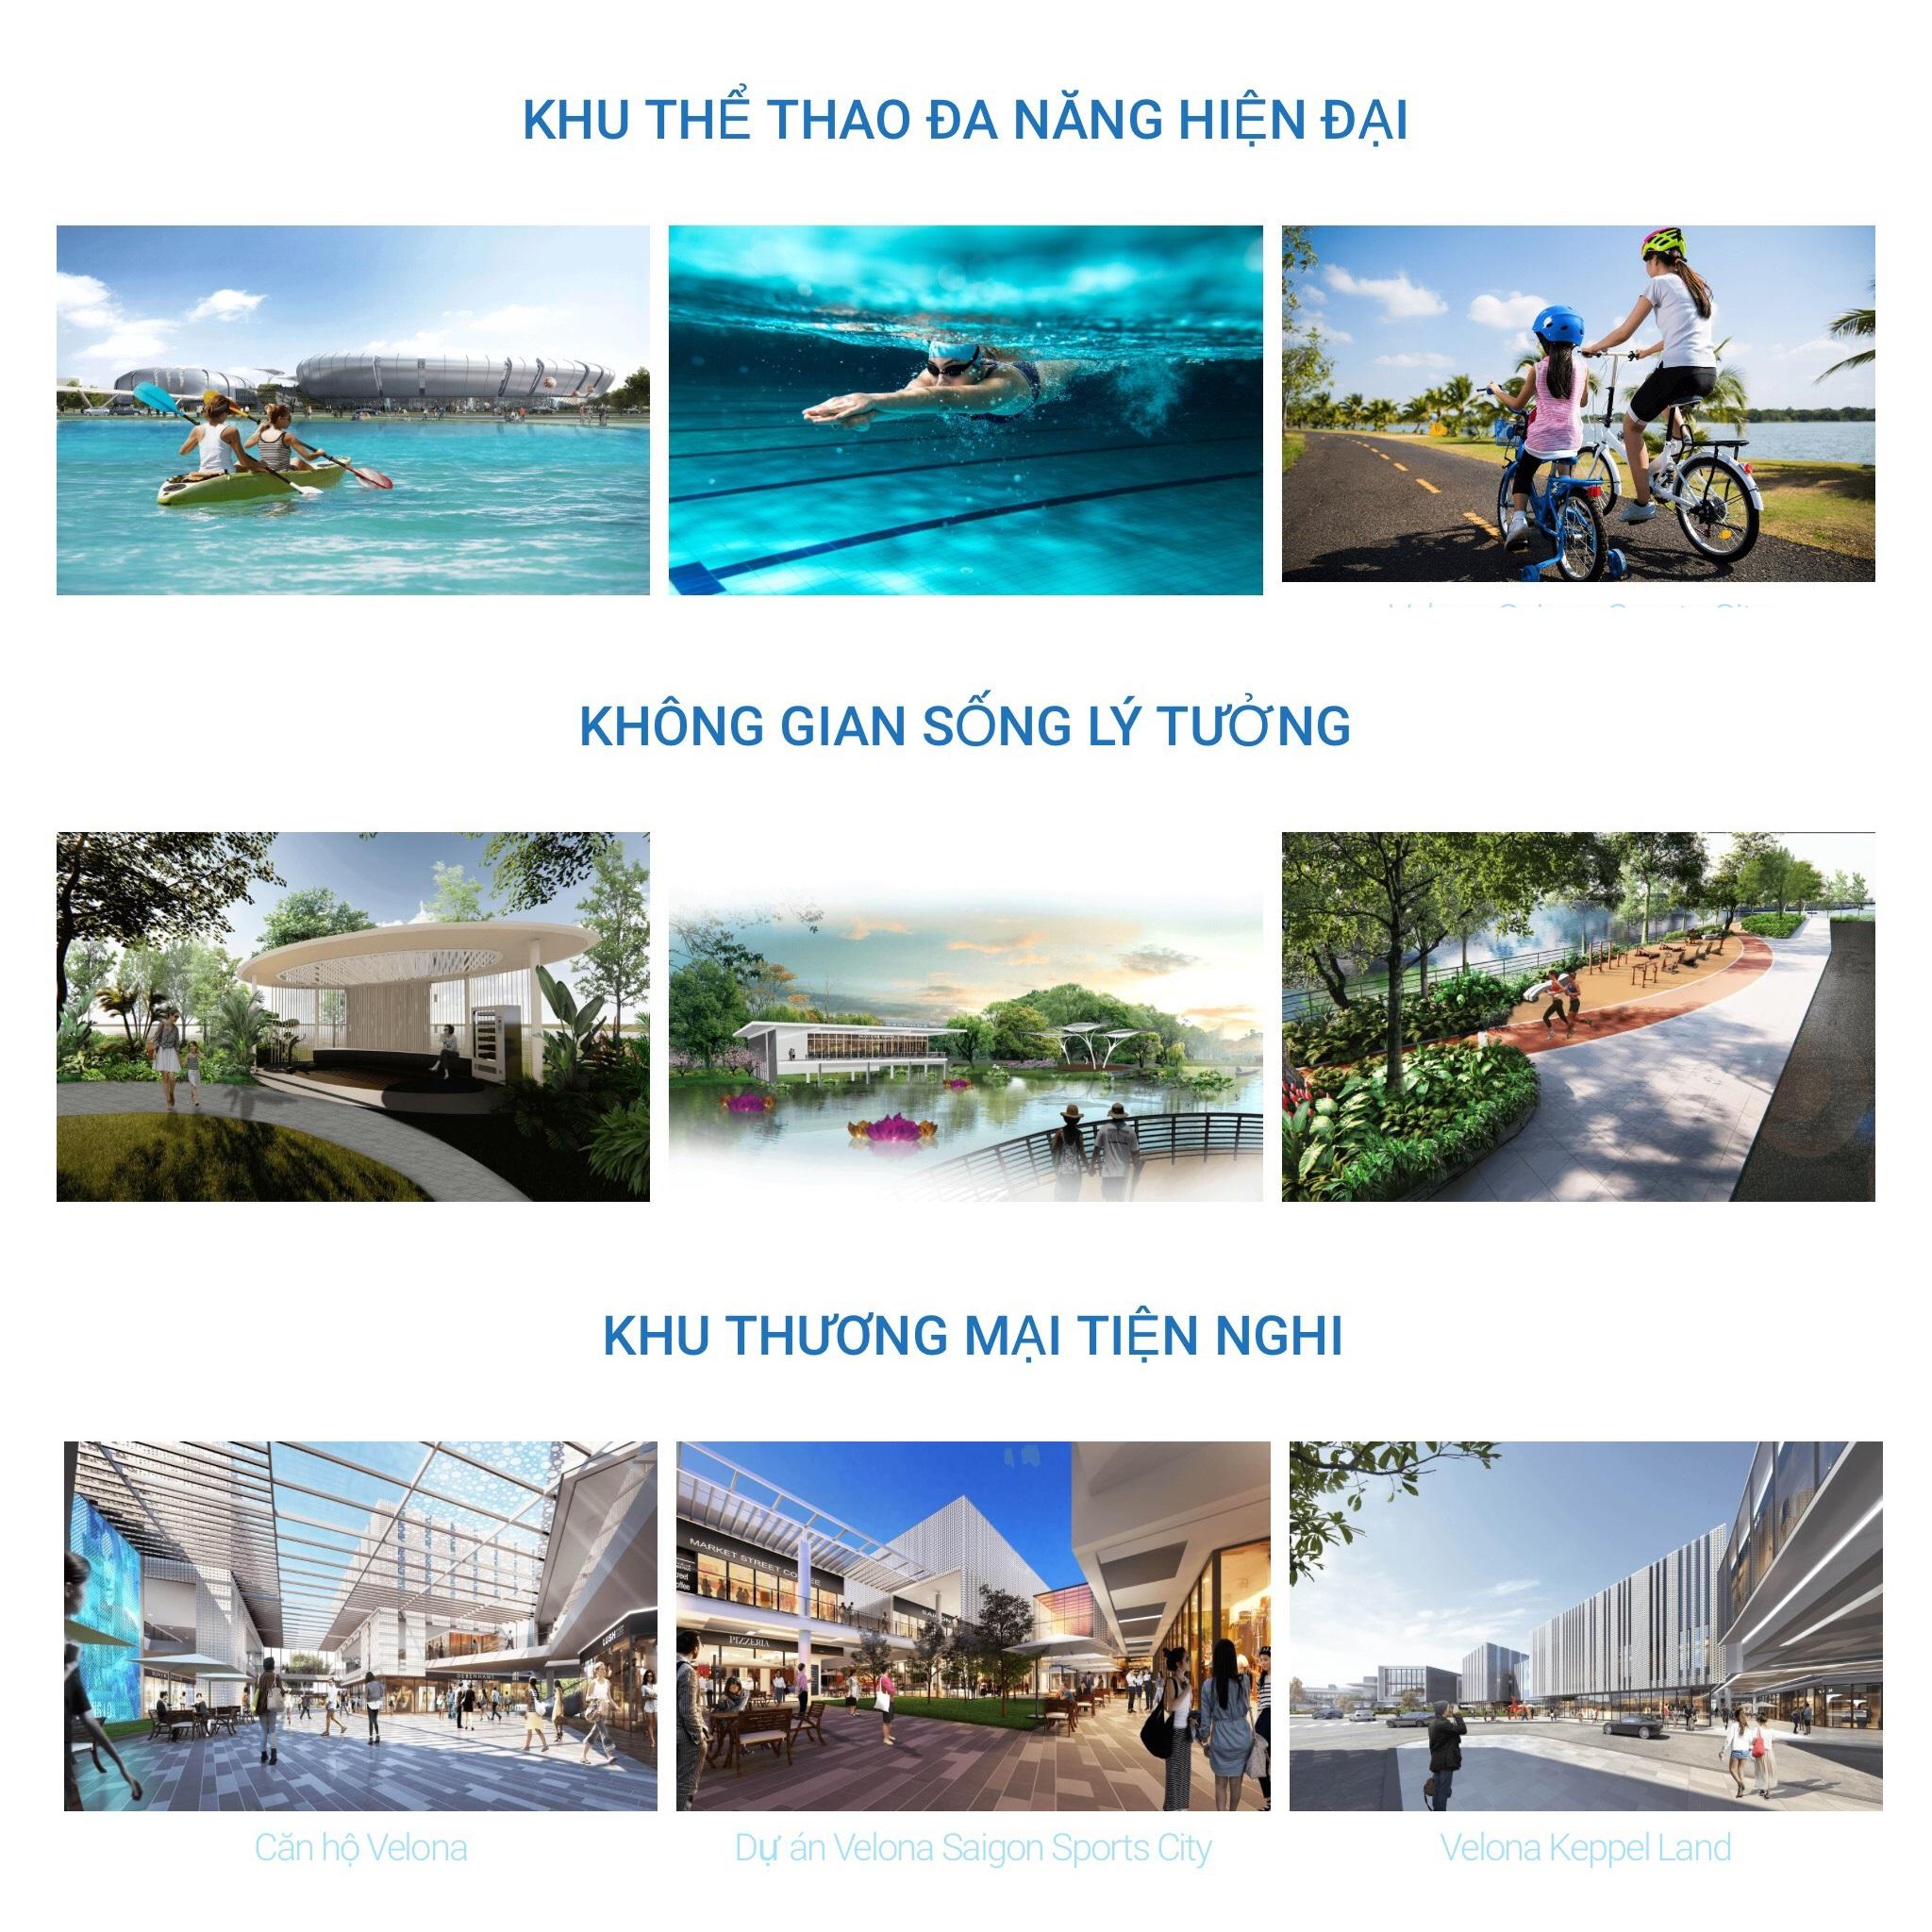 Tiện ích khu đô thị Saigon Sports City quận 2